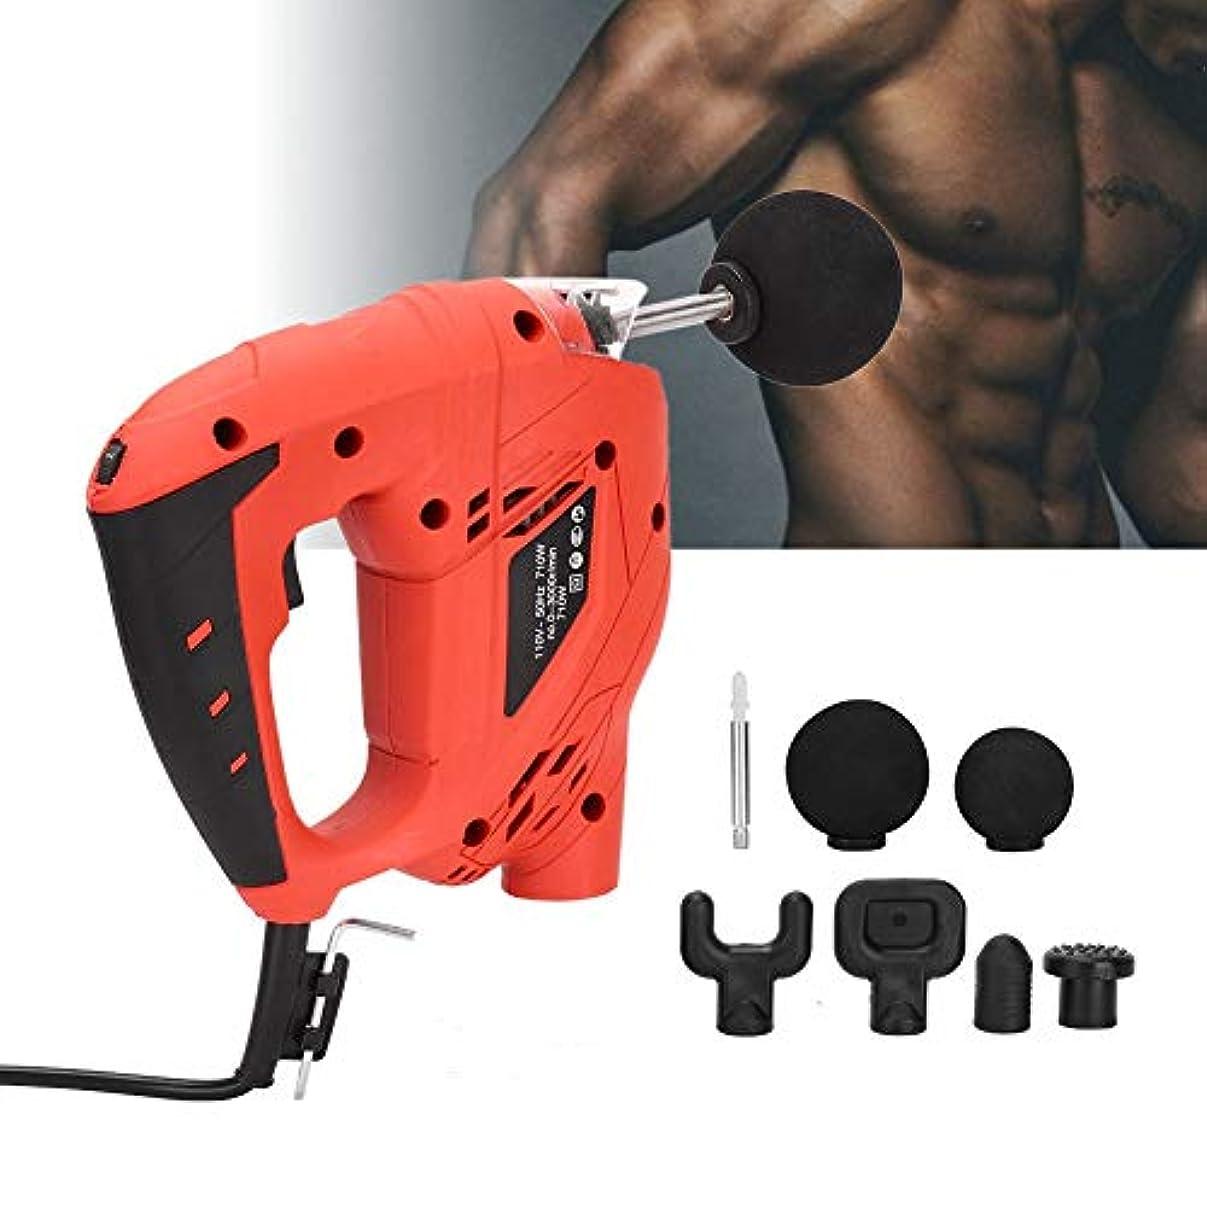 失効辞任する贅沢な筋肉マッサージ銃、調整可能な速度を備えたプロのハンドヘルド振動マッサージ装置、電動フルボディ筋肉マッサージ機器(US)